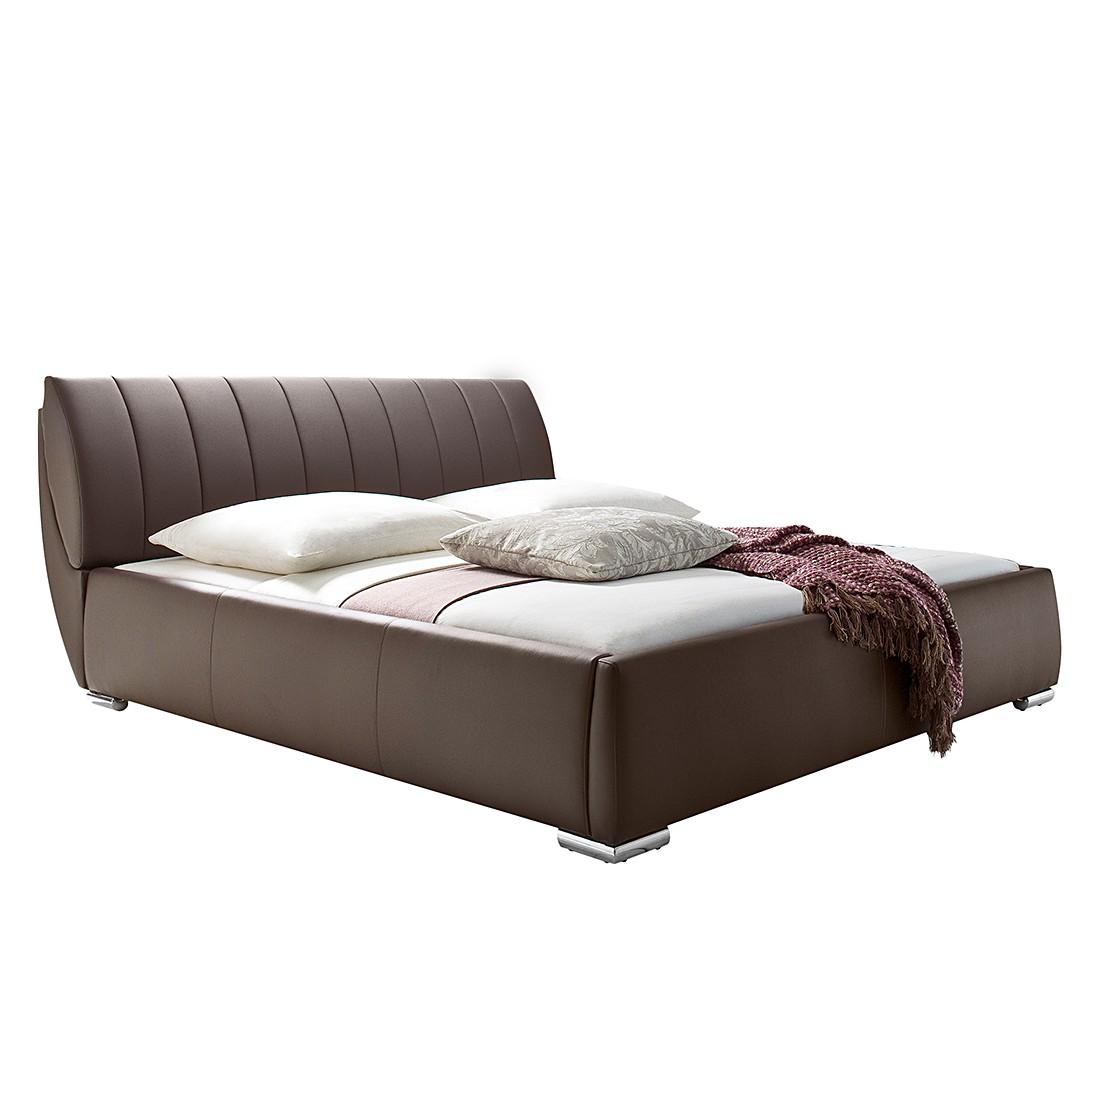 goedkoop Gestoffeerd bed Luna kunstleer 200 x 200cm Met matras Bruin meise möbel